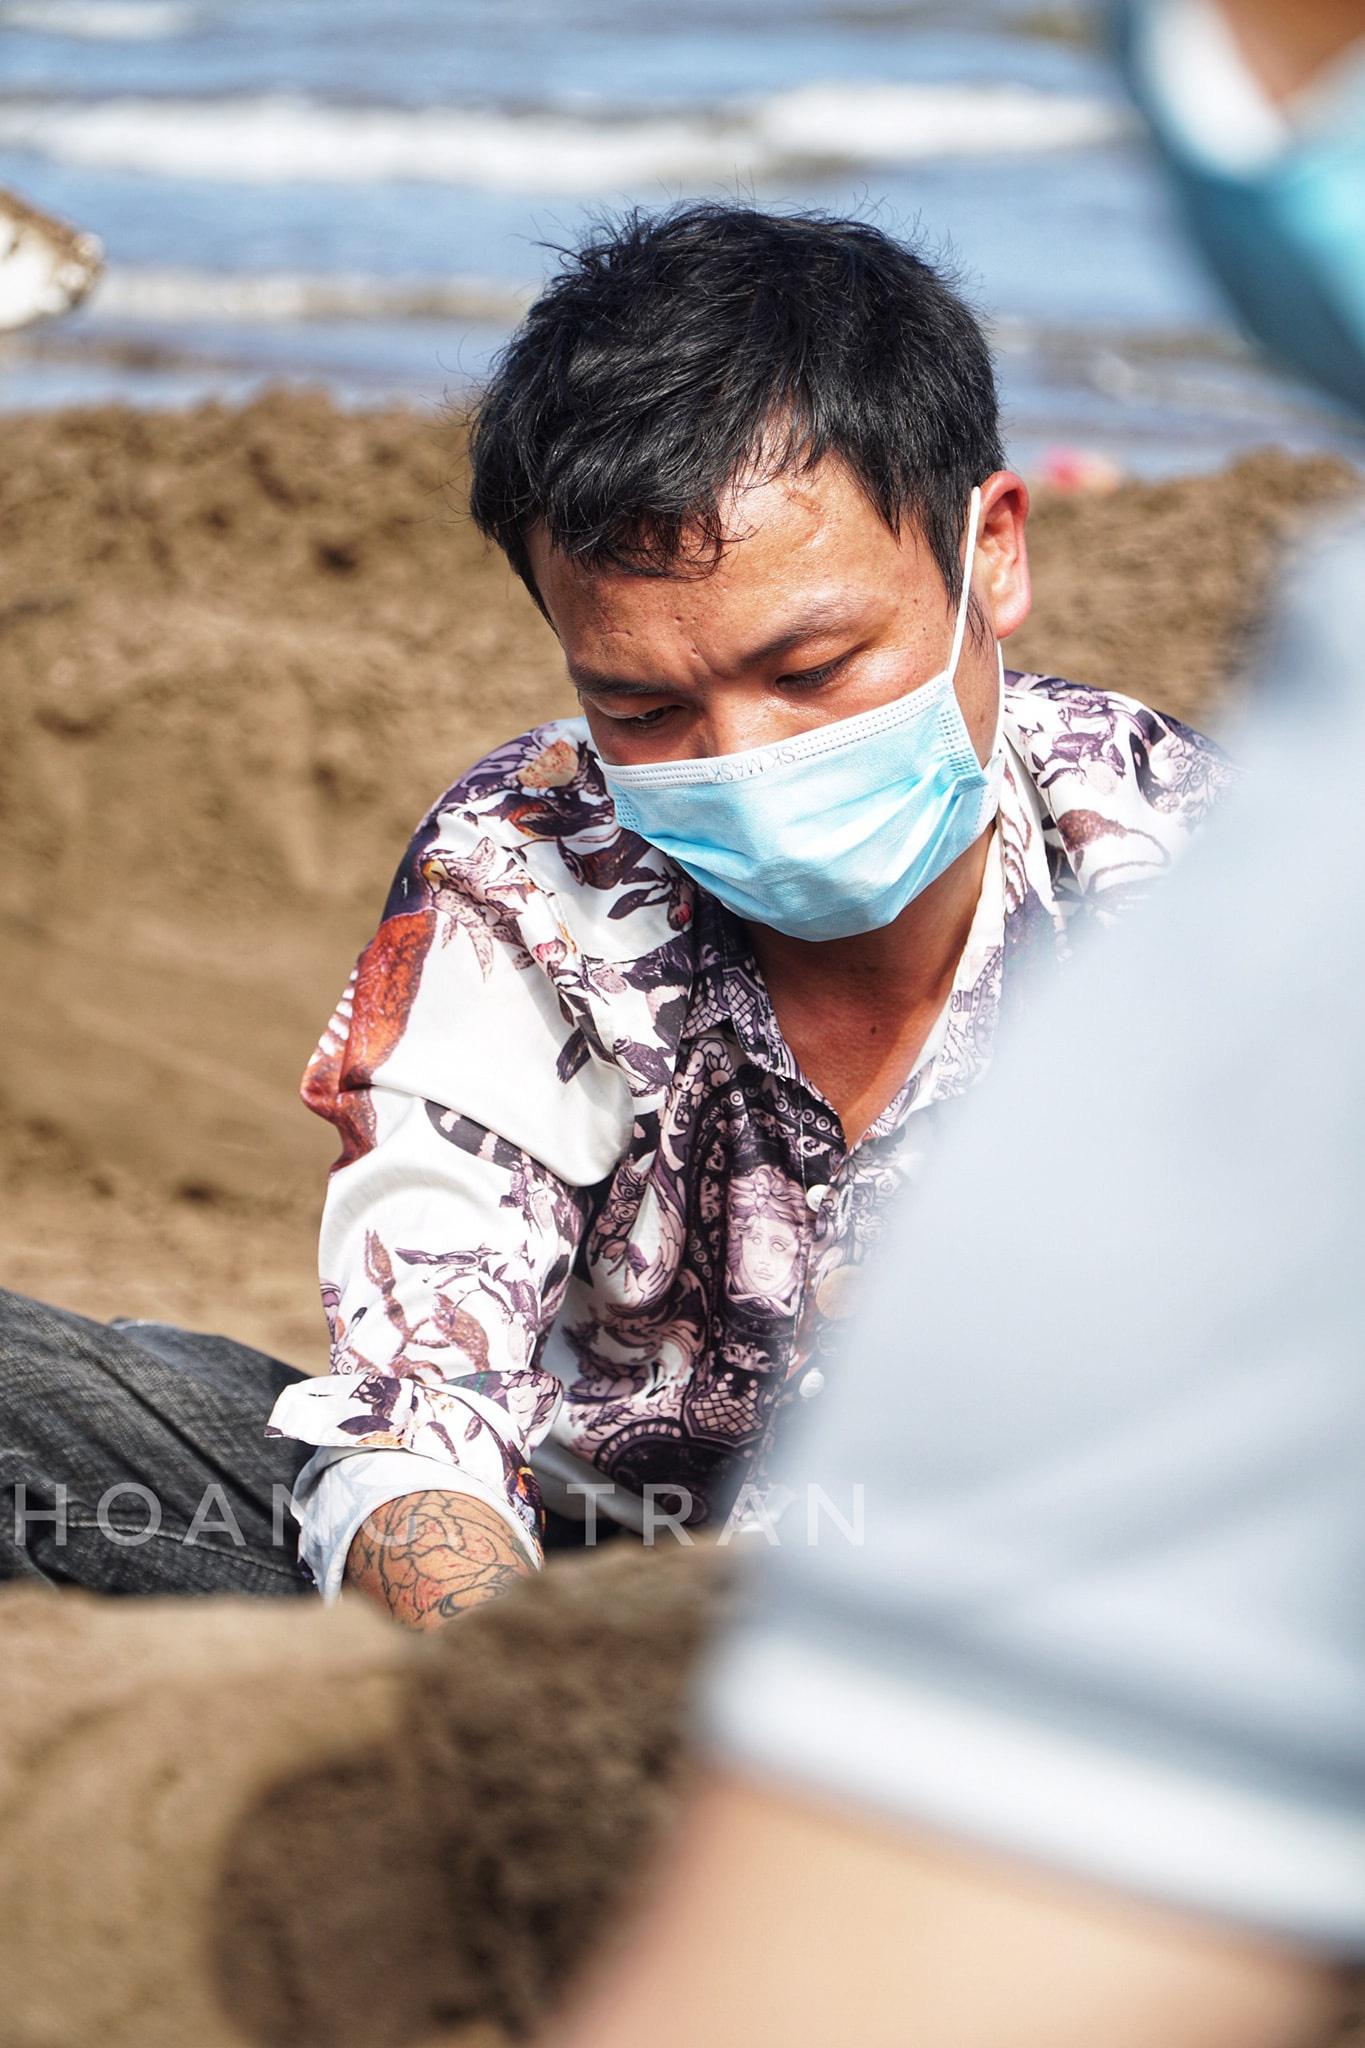 """Nam Định: Độc đáo tác phẩm """"Chúa sẽ che chở cho thế giới thoát khỏi đại dịch Covid-19"""" trên bãi biển - Ảnh 8."""